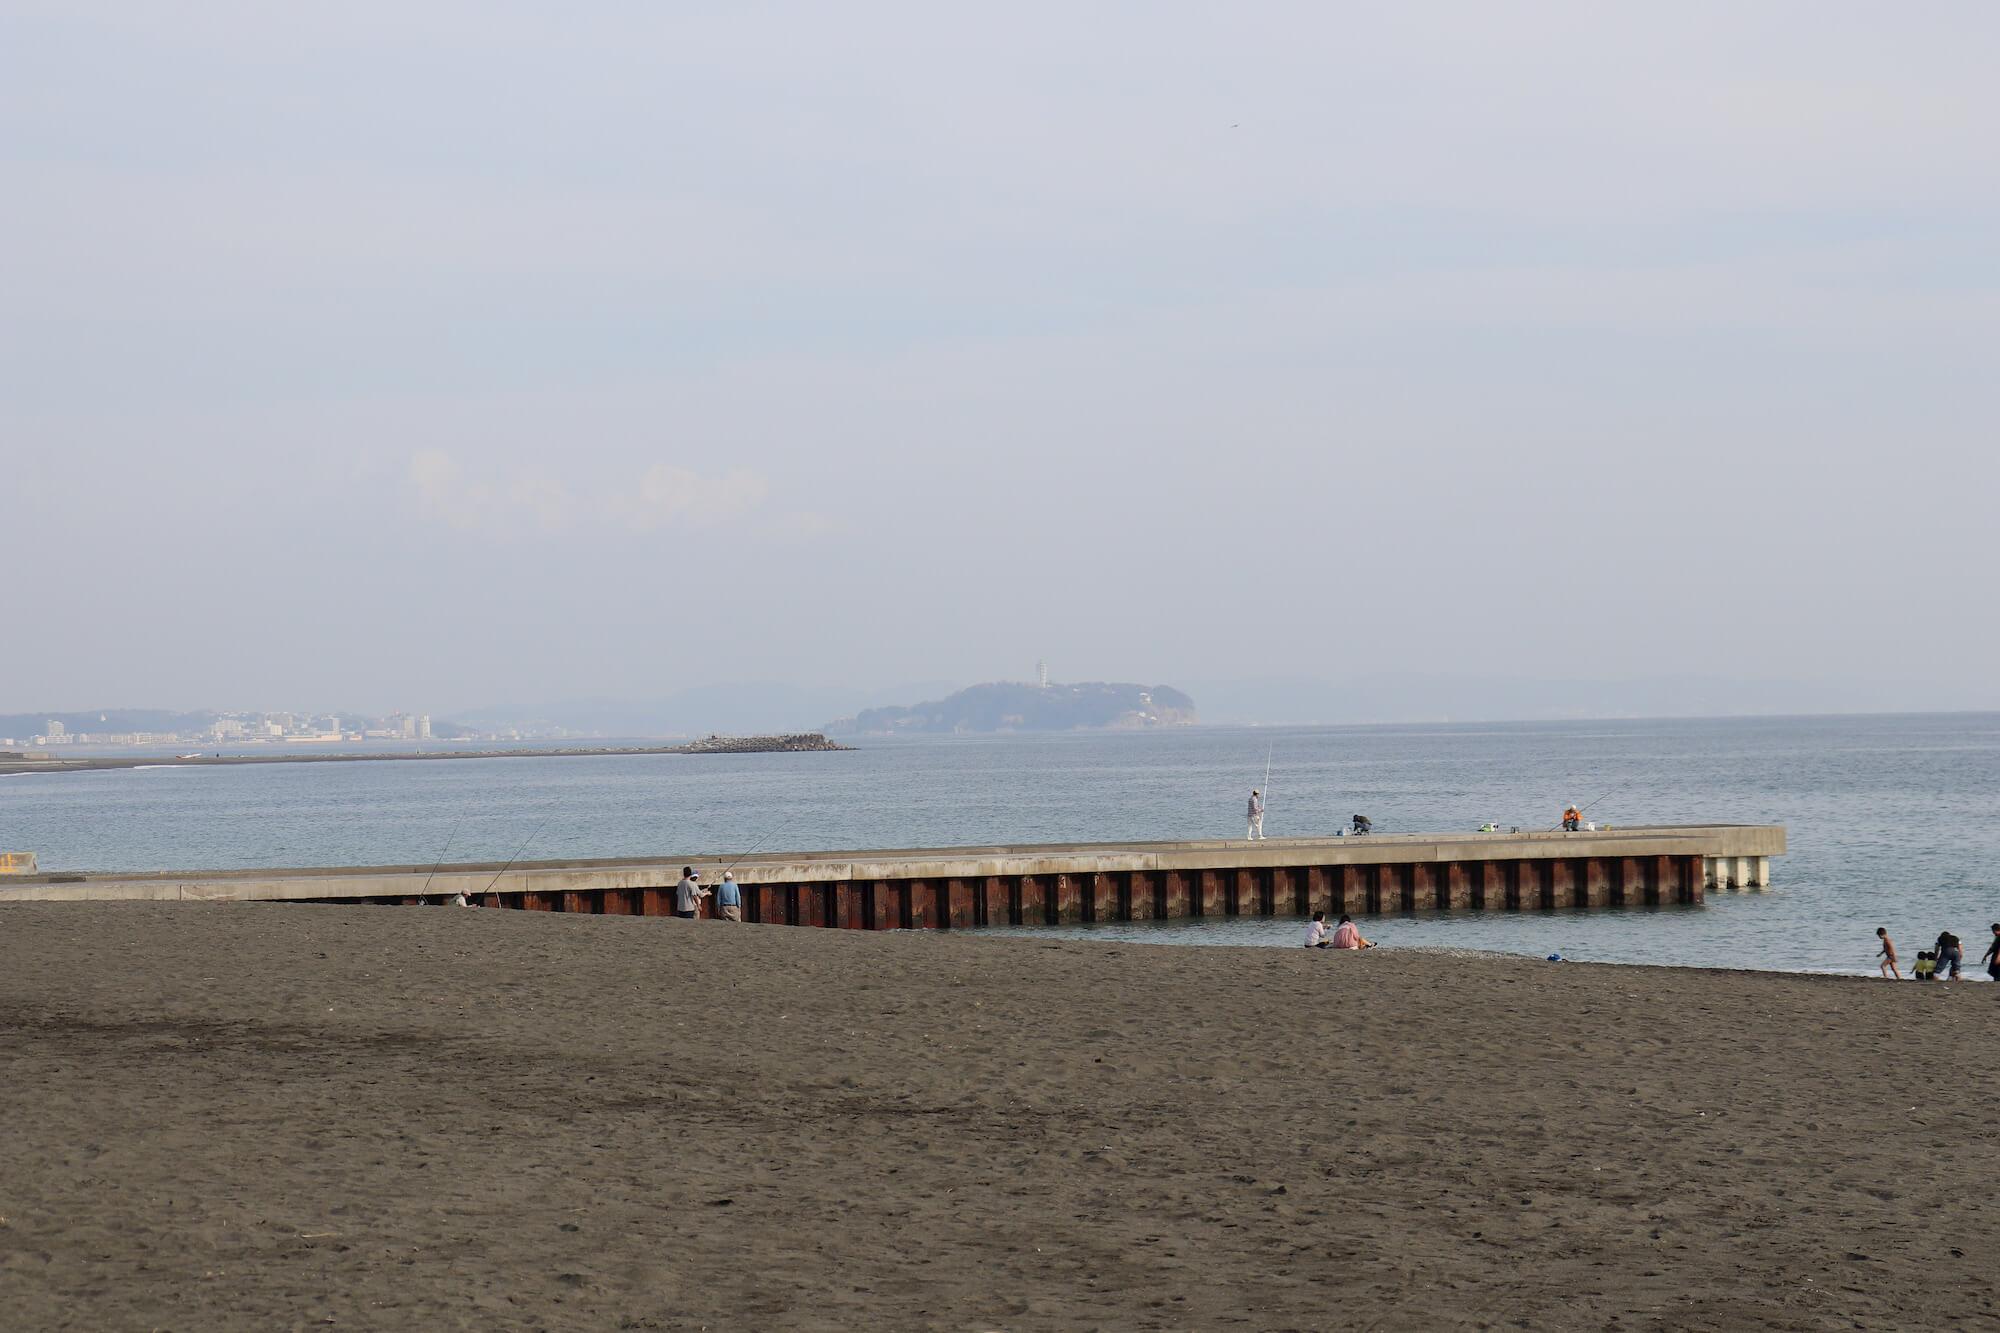 サザンビーチ茅ヶ崎から見える江の島